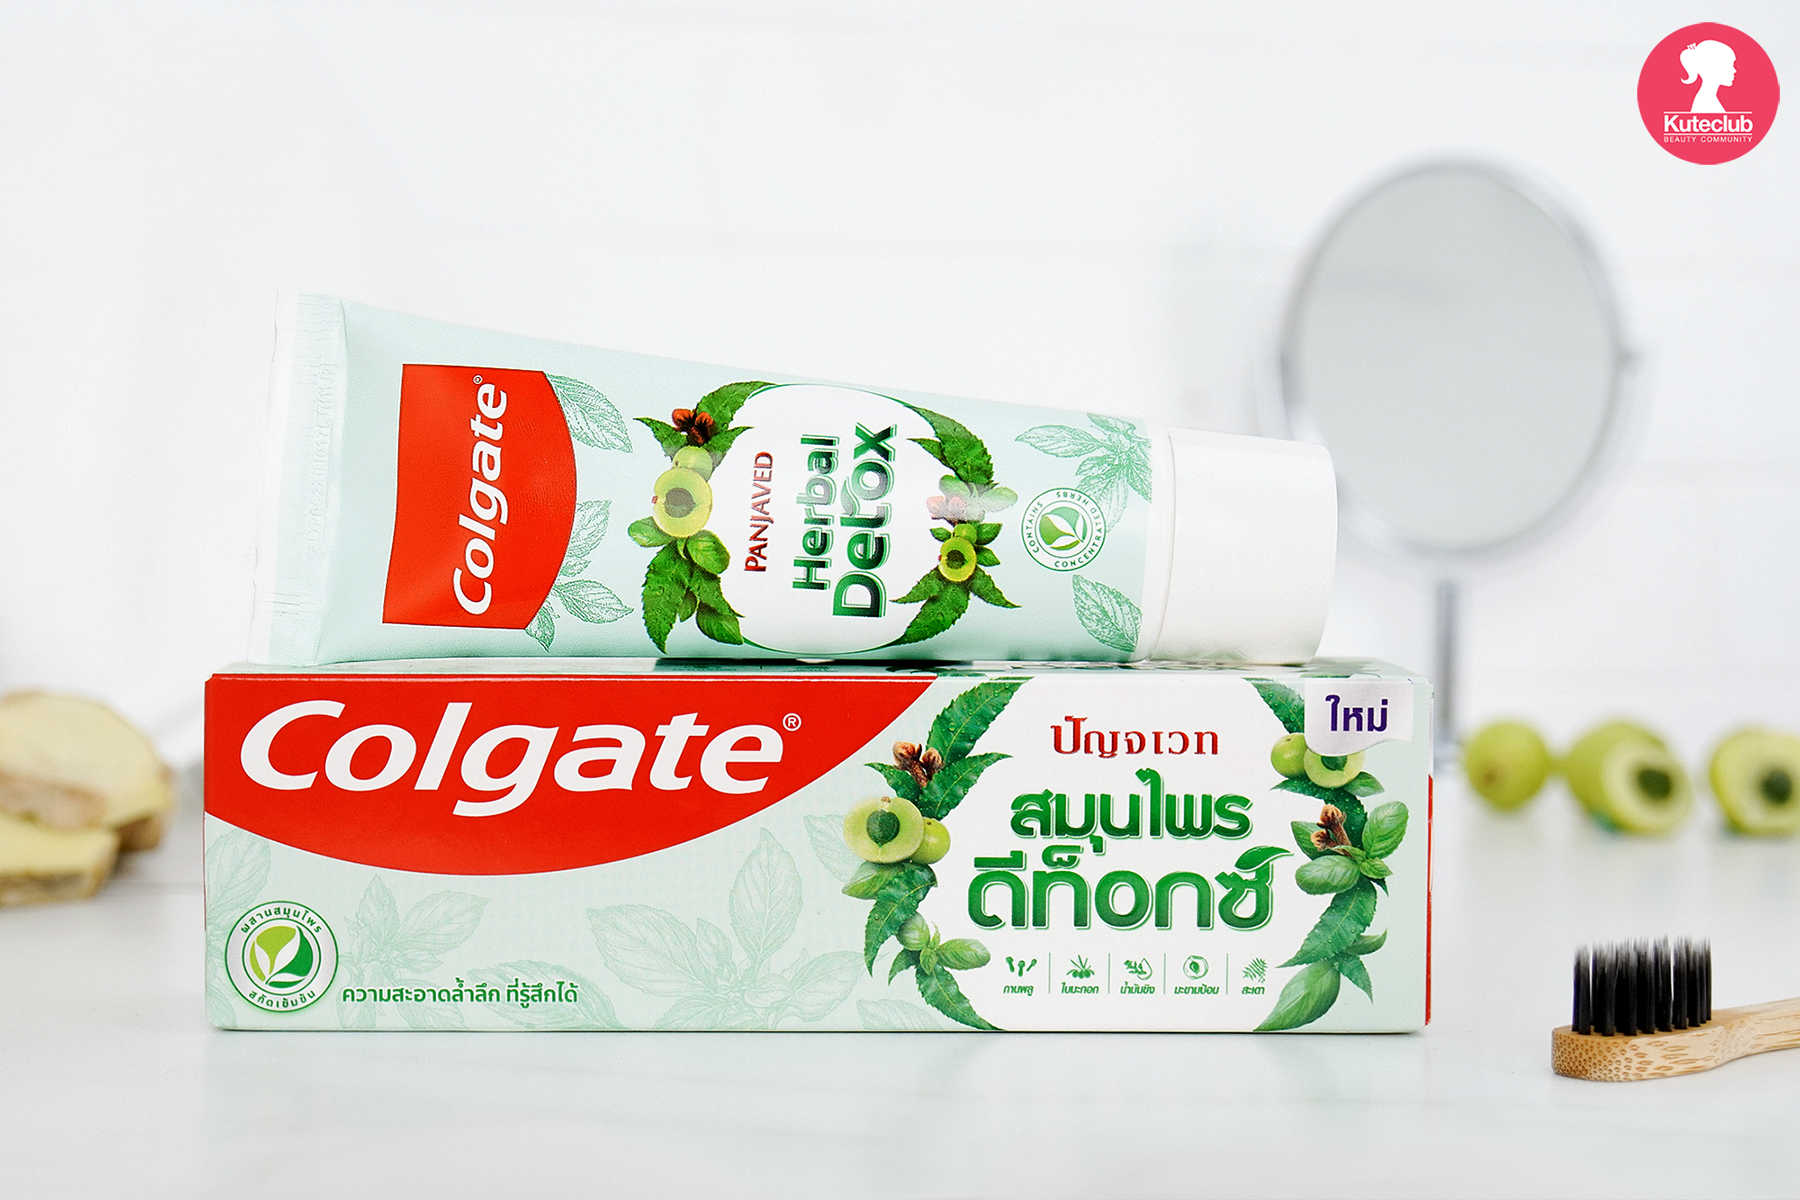 ยาสีฟัน คอลเกจ สมุนไพร ดีท็อกซ์ ในห้องน้ำ พร้อมใช้ ดูทันสมัย แพ็กเกจสีเขียวอ่อน น่าใช้ เพื่อลดปัญหากลิ่นปาก